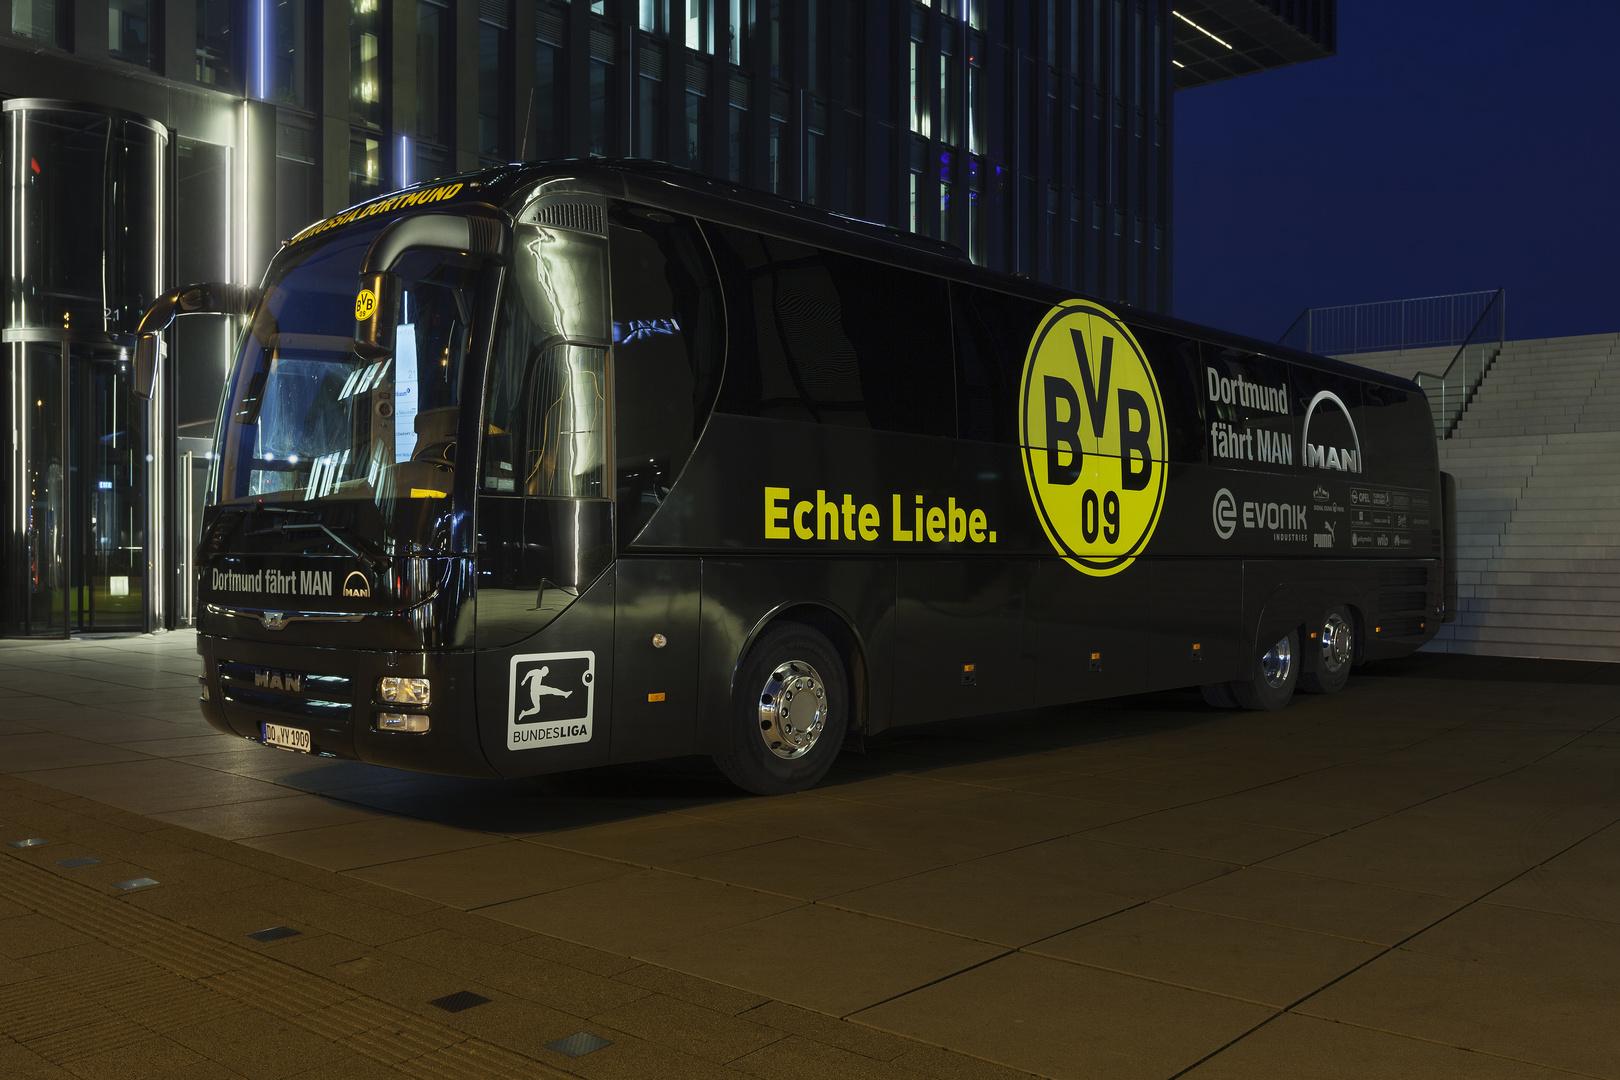 Echte Liebe Mannschaftsbus Borussia Dortmund In Düsseldorf Foto